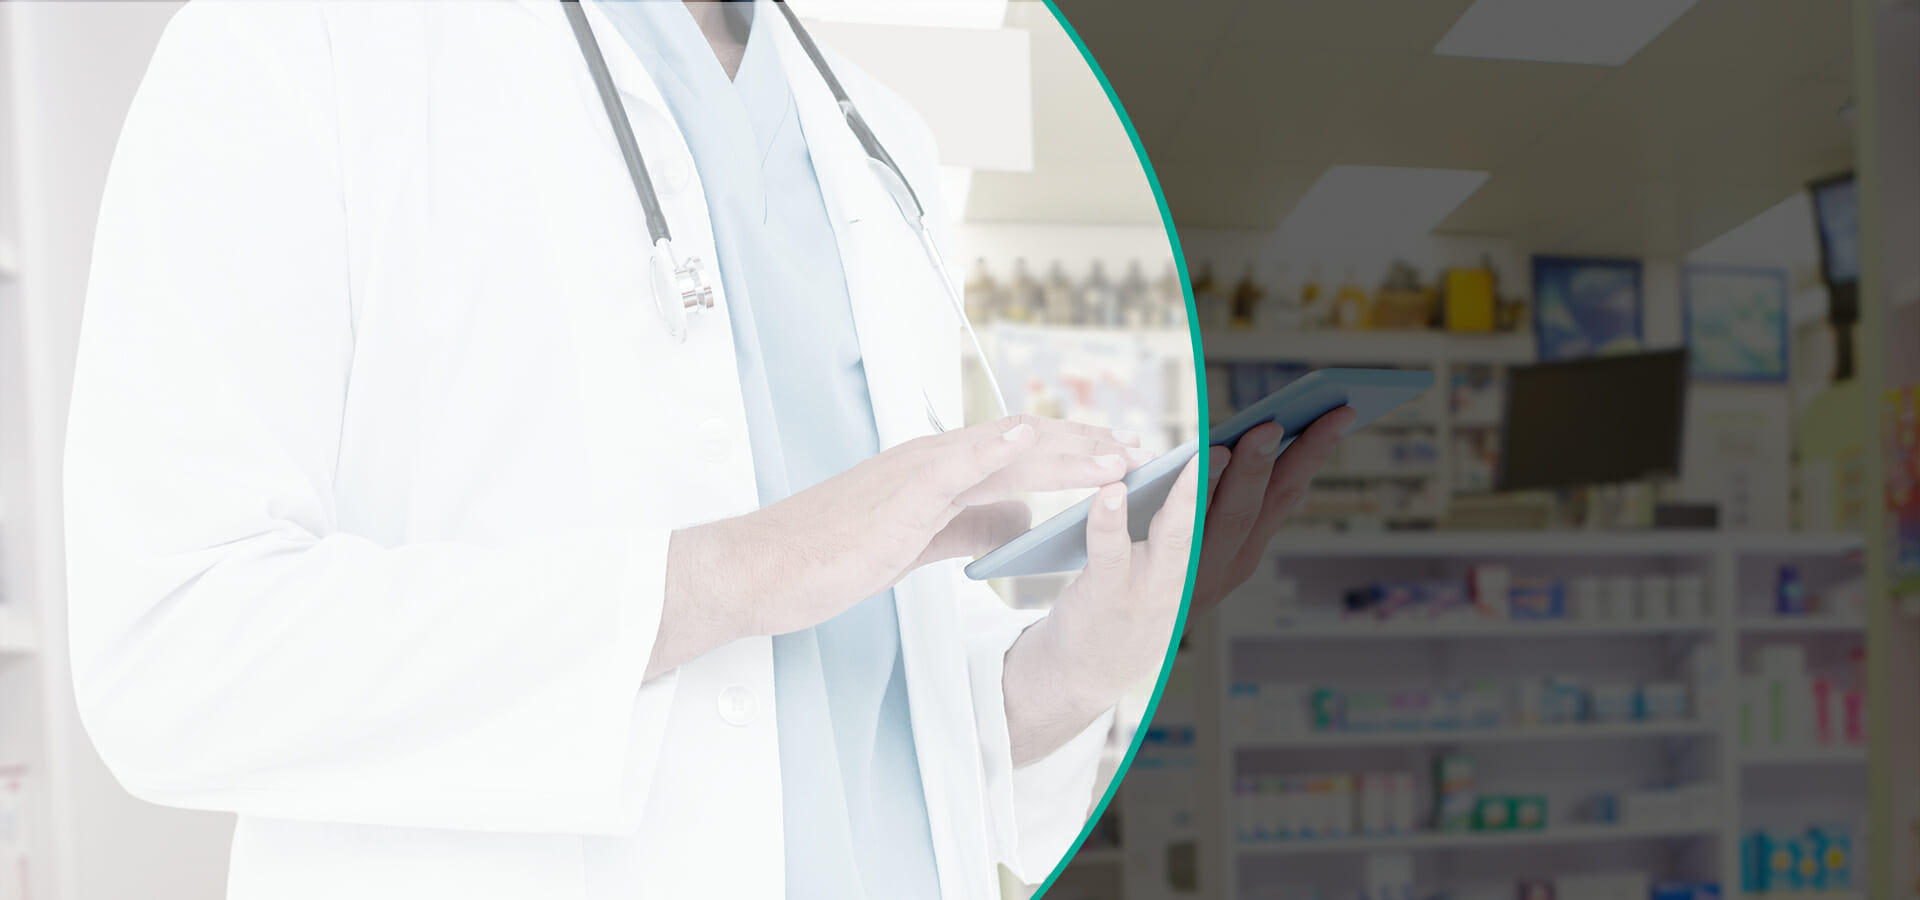 zdravotnícky materiál Prešov | Lekáreň Galenos Prešov